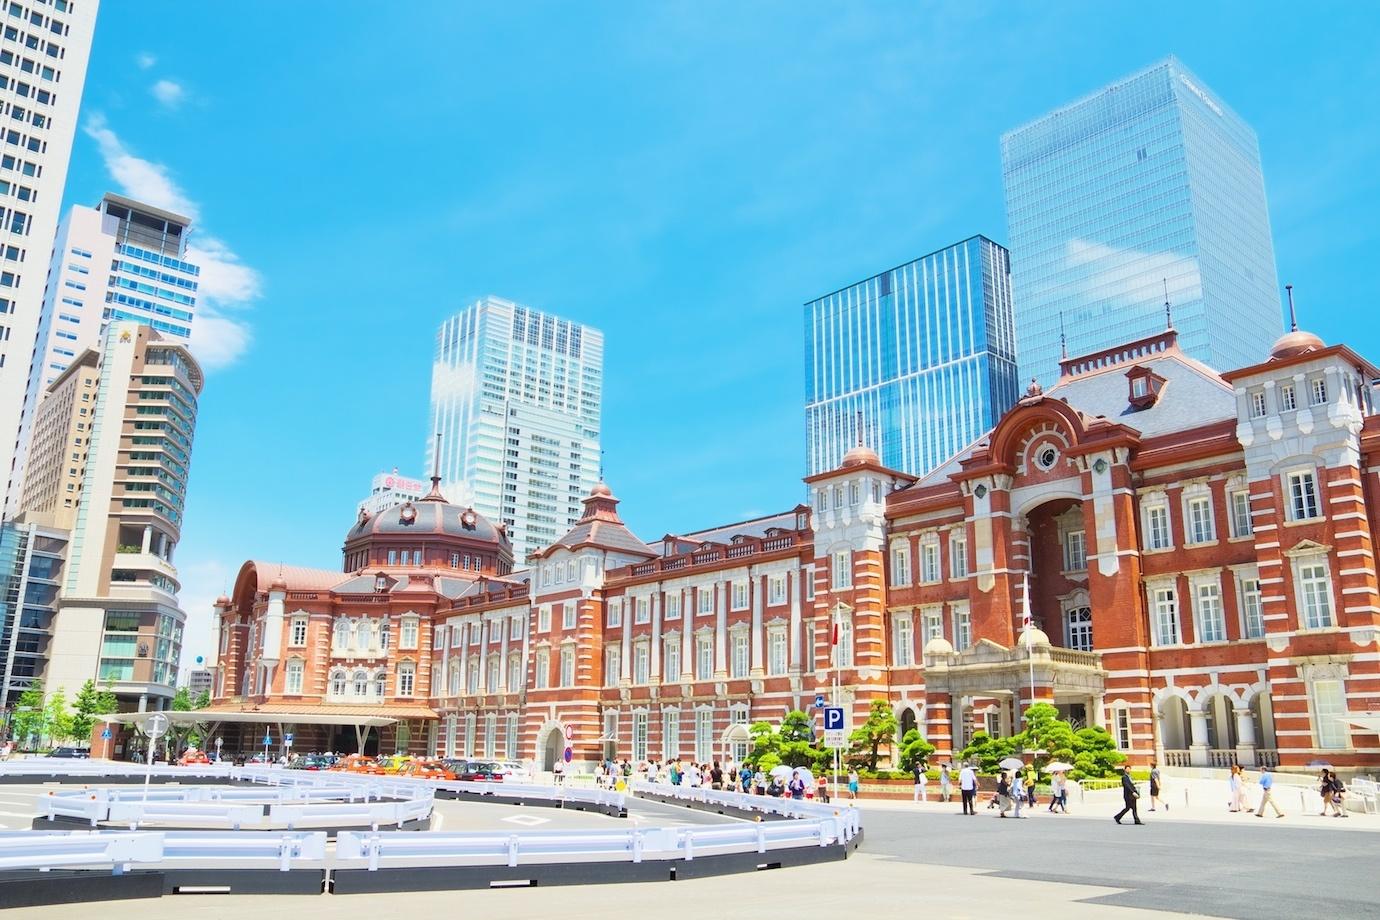 【保存版】引越し時に考えたい、東京23区で乗り入れ路線が多い駅21選(その土地の平均家賃相場つき)